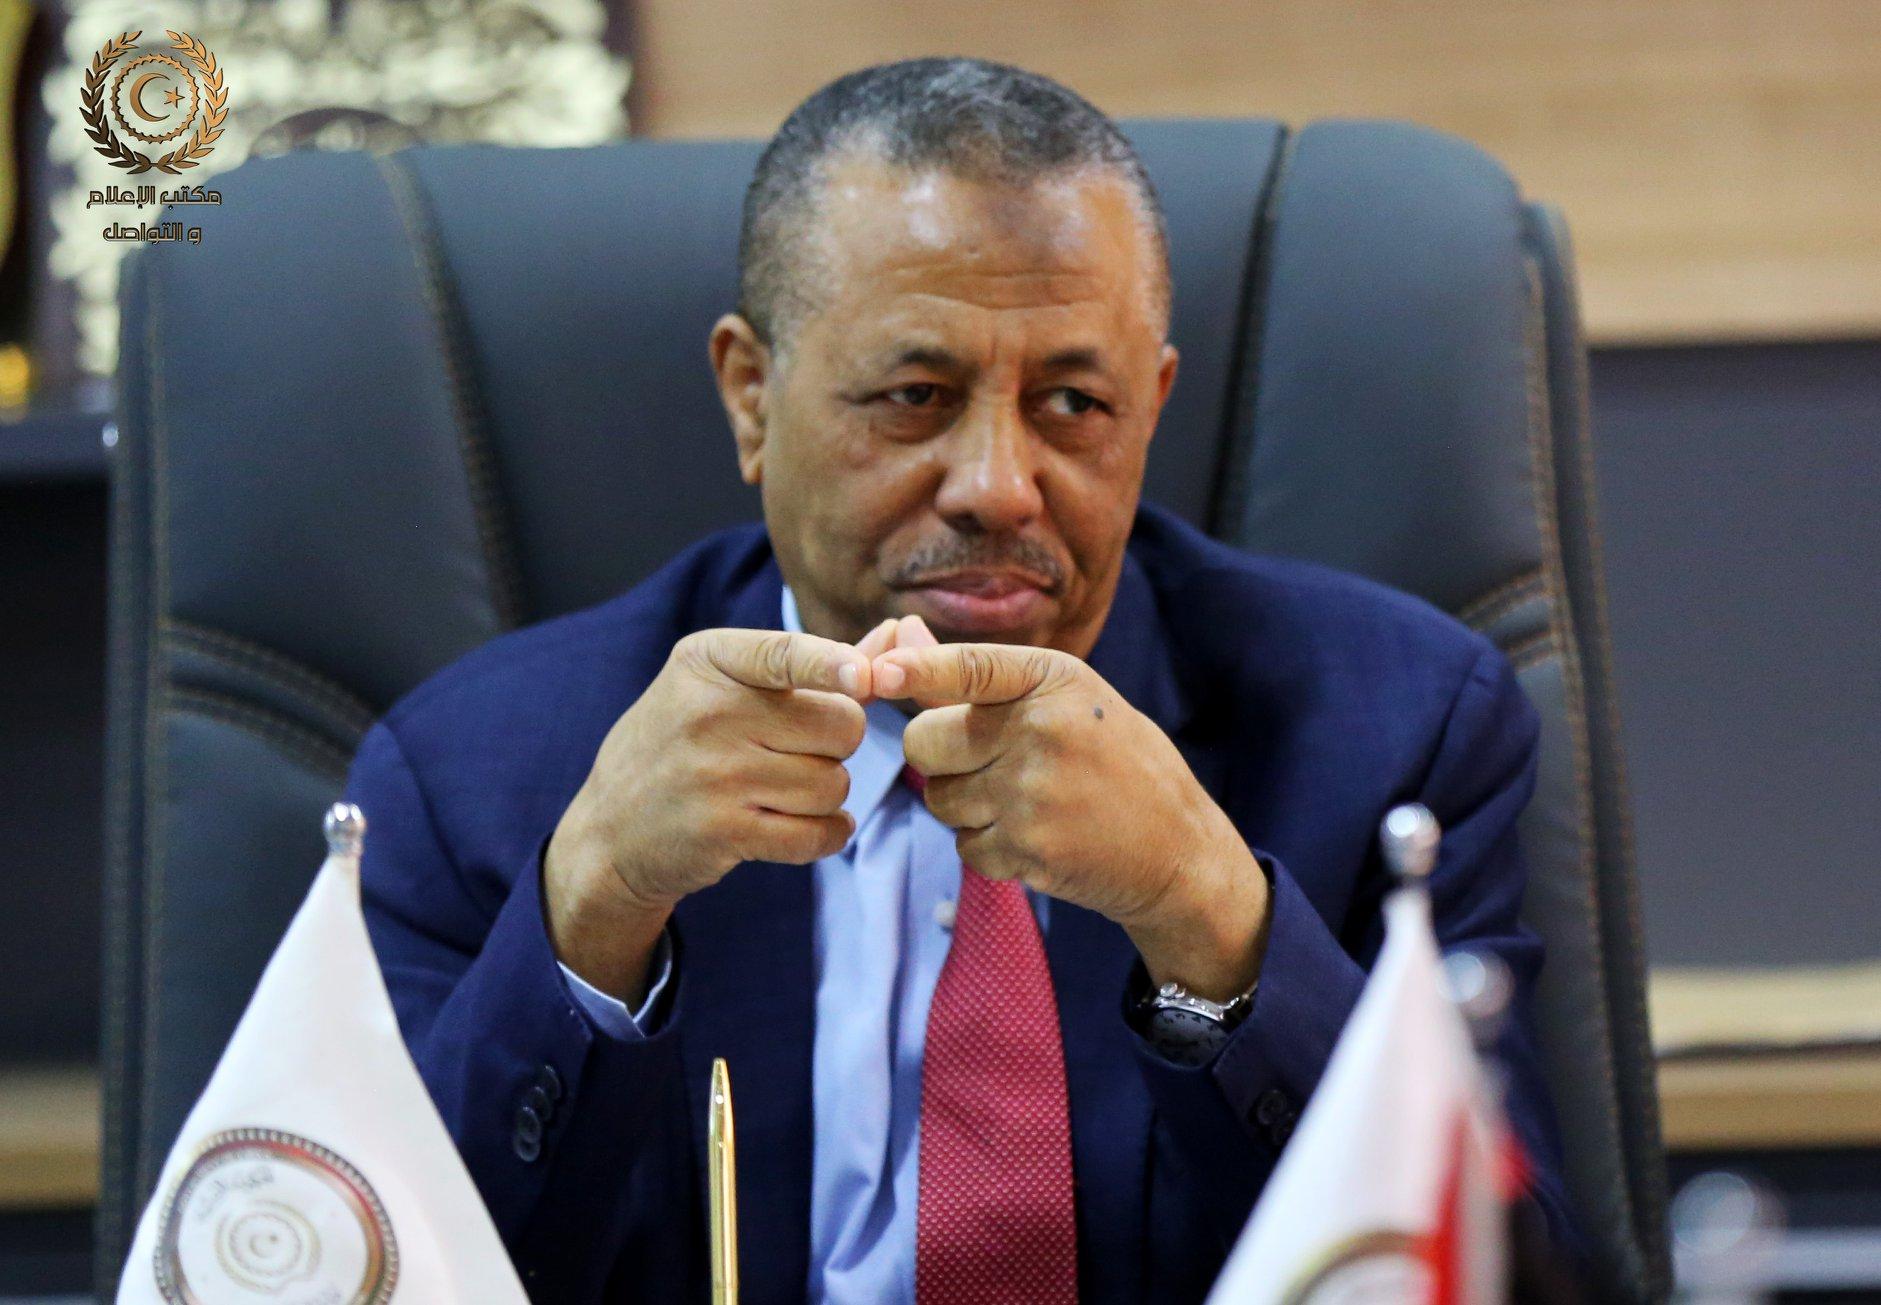 عبدالله الثني - رئيس الحكومة الليبية